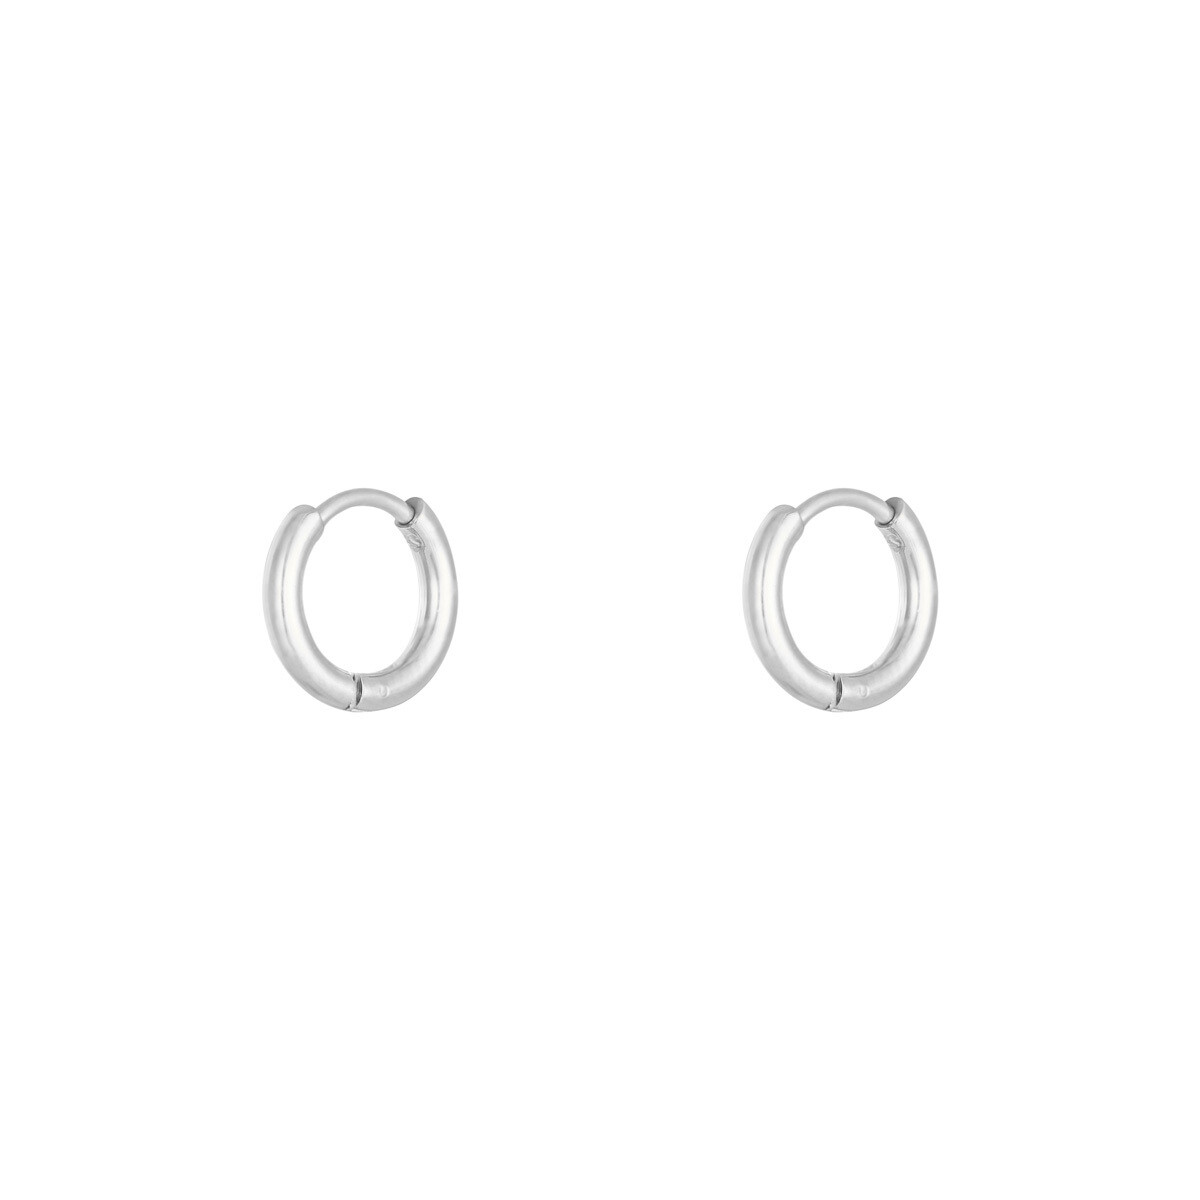 Simpele stainless steel oorringetjes zilver 12 mm